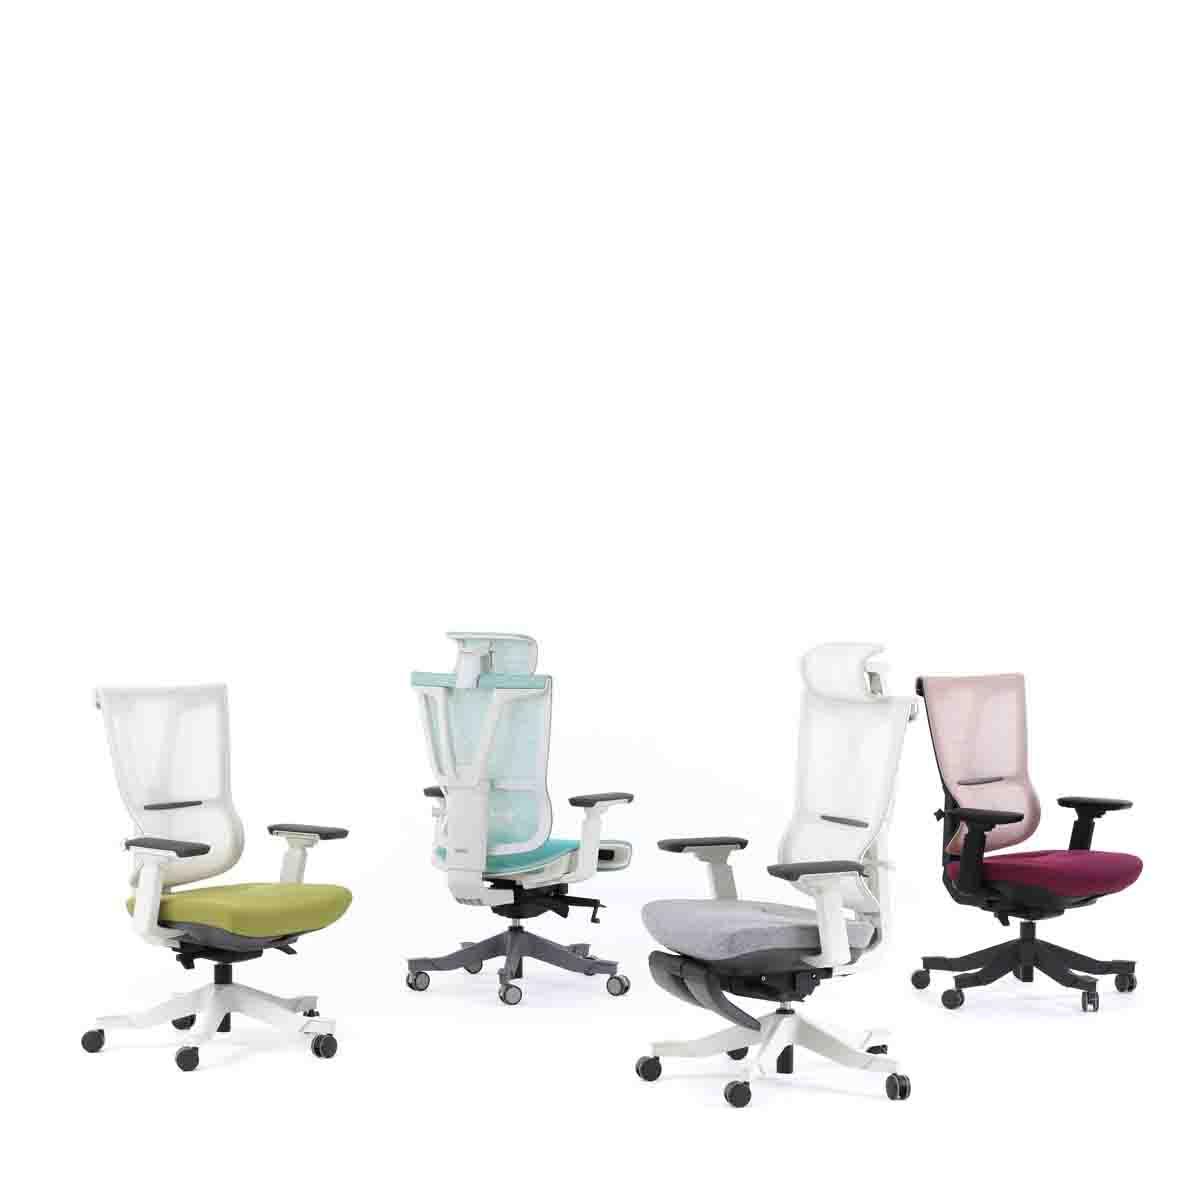 XW-M14人体工学椅_高端座椅